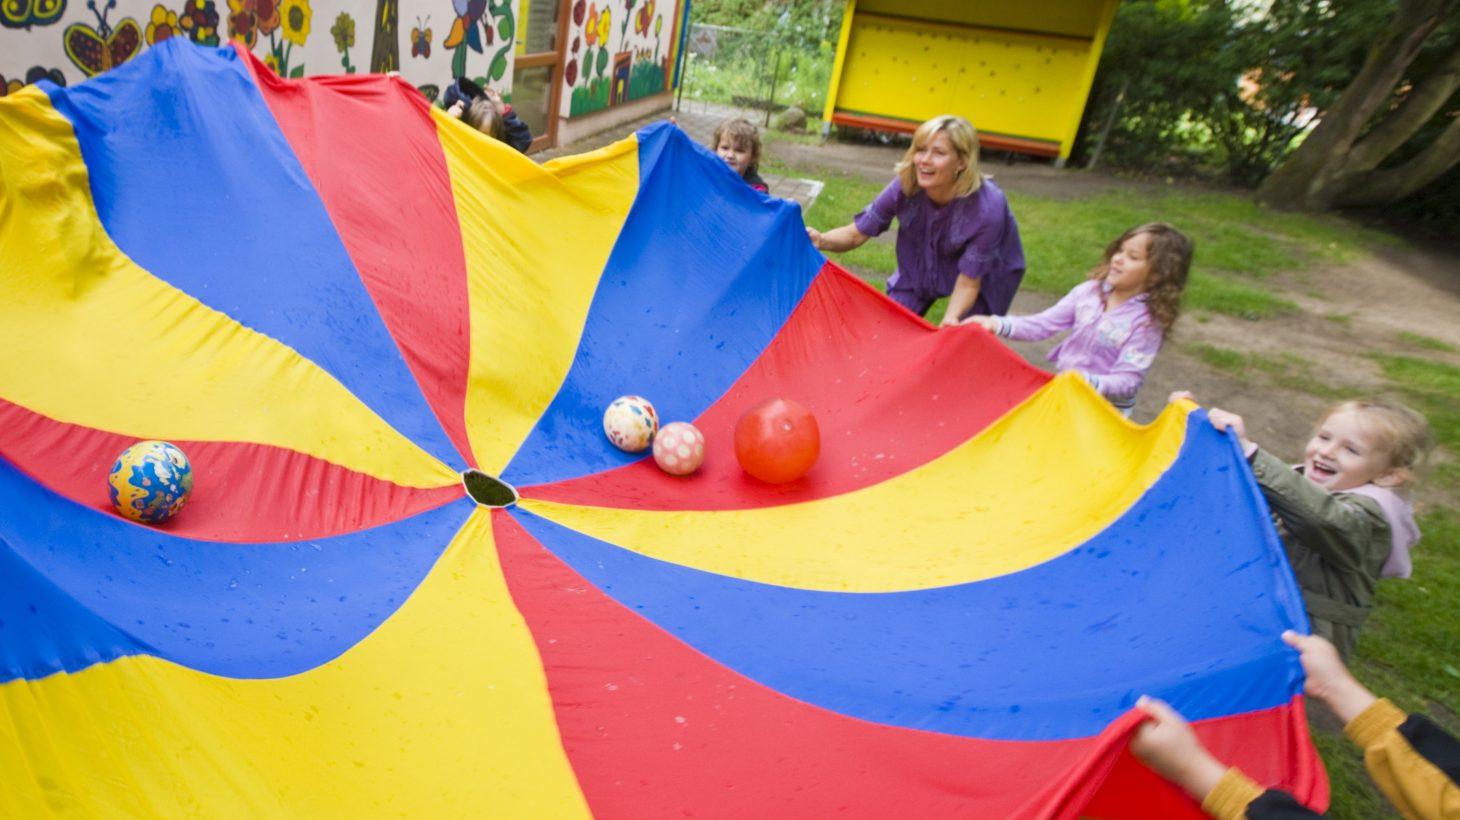 Pedagog och barn håller upp stor runt tygstycke med bollar i mitten.